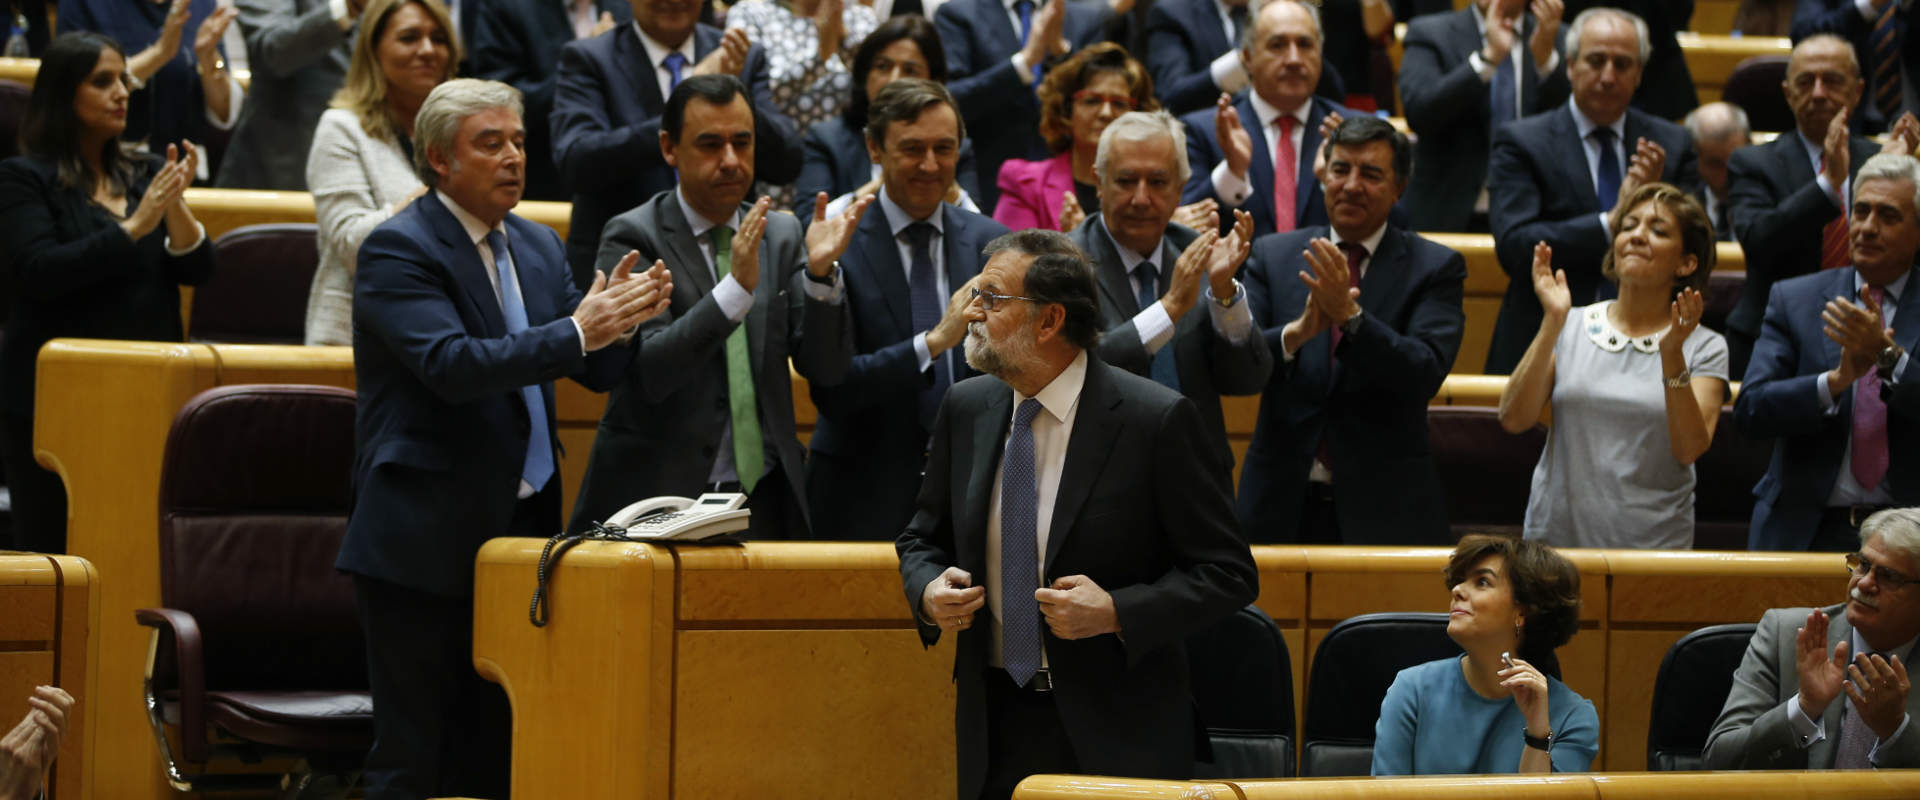 ראש ממשלת ספרד מריאנו רחוי, היום בסנאט